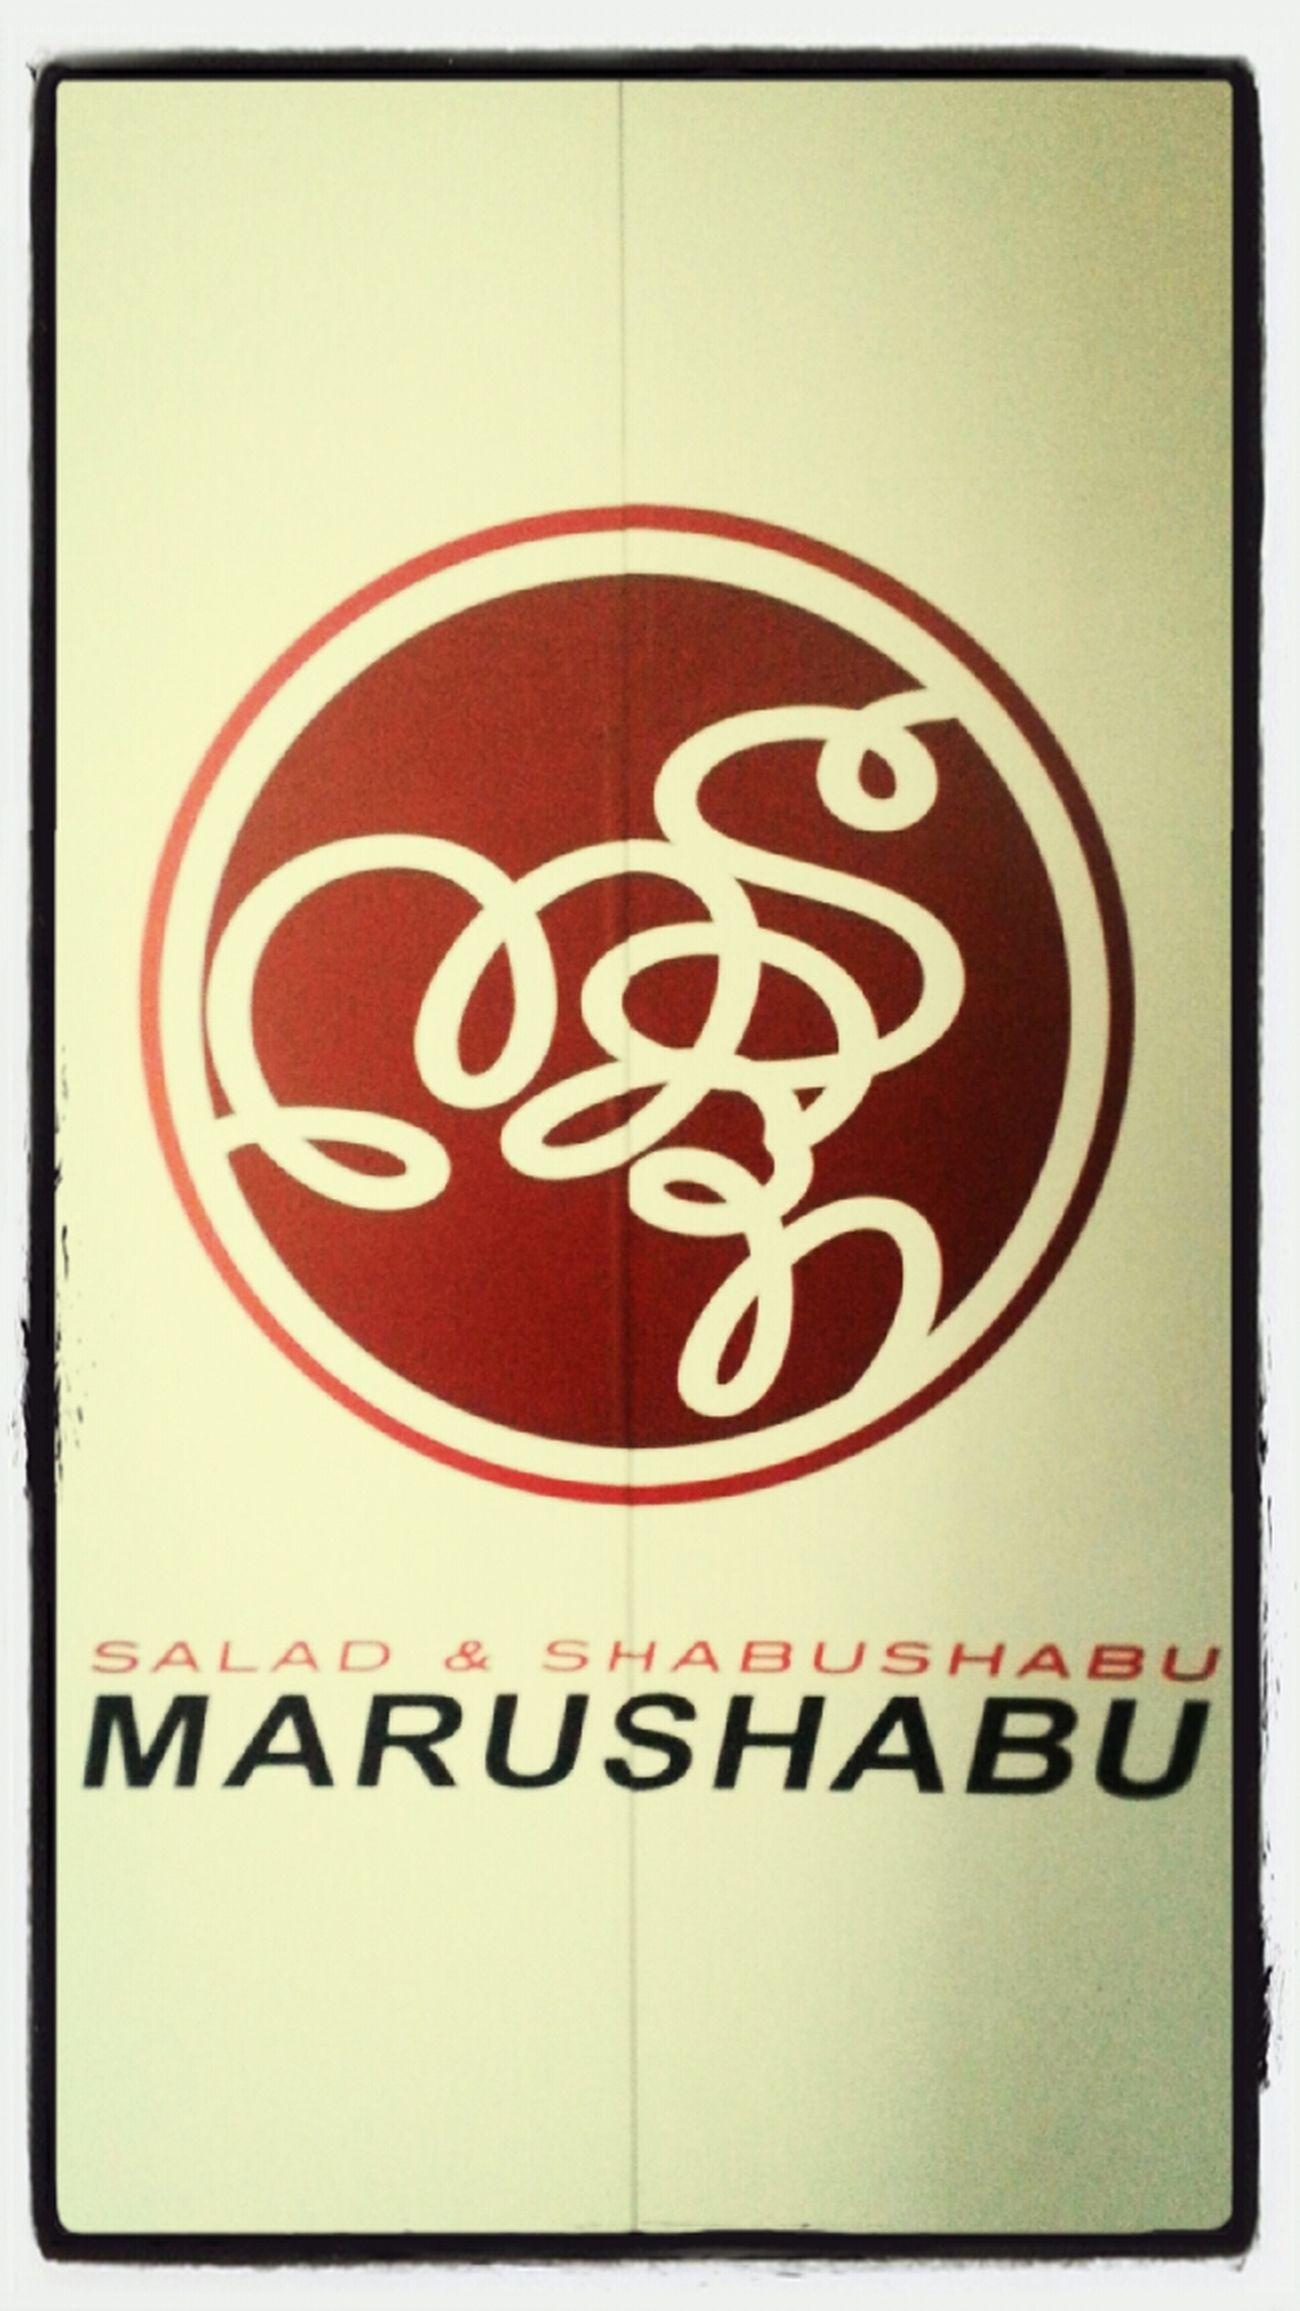 Marushabu Salad Food